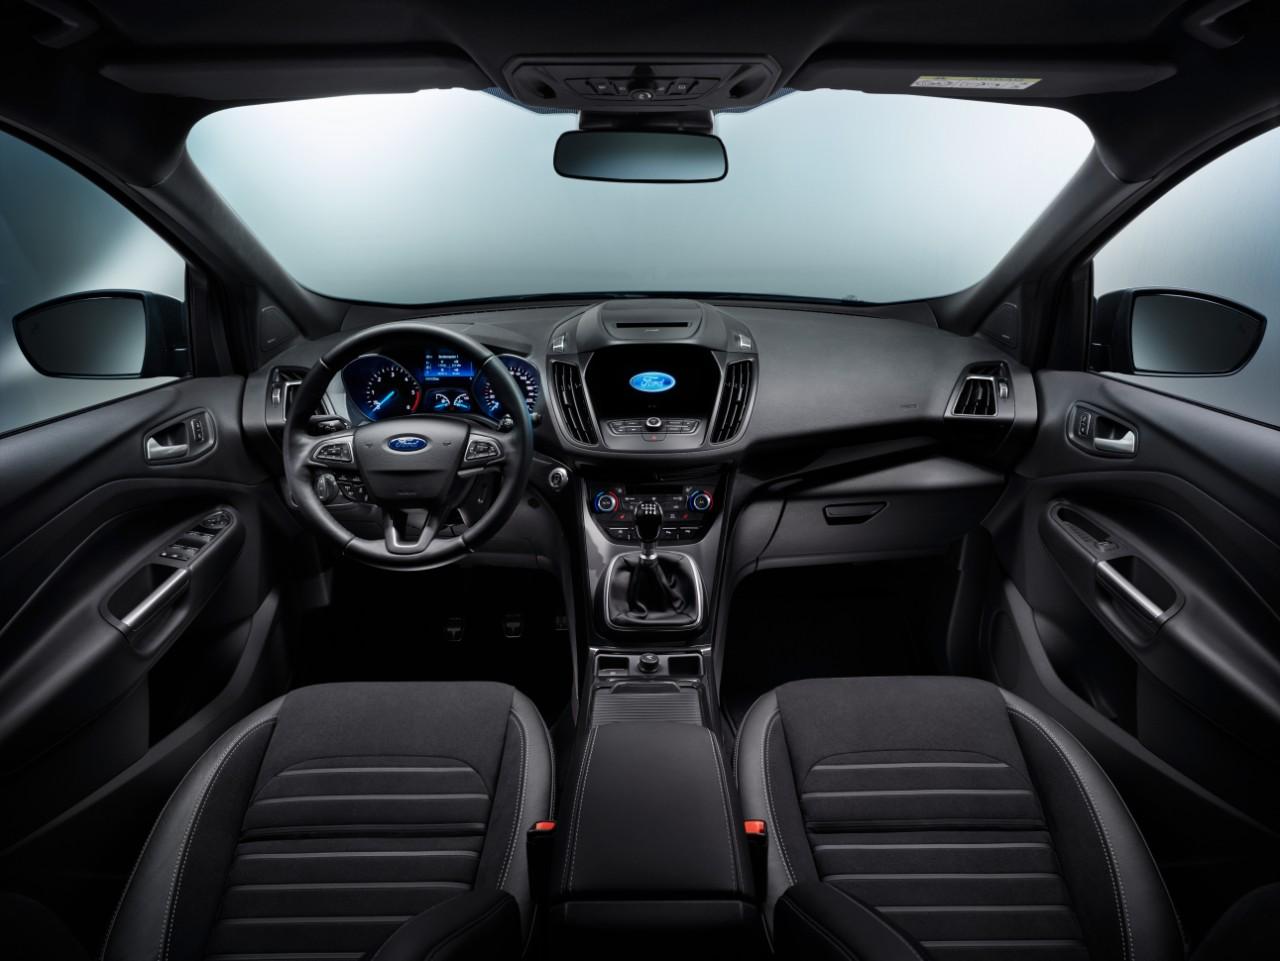 FORD KUGA MS Dashboard 05 FORD eciRGB Η Ford Αποκαλύπτει το Νέο Kuga με πληθώρα νέων τεχνολογιών και με νέο κινητήρα 1.5L TDCi diesel 120 ίππων